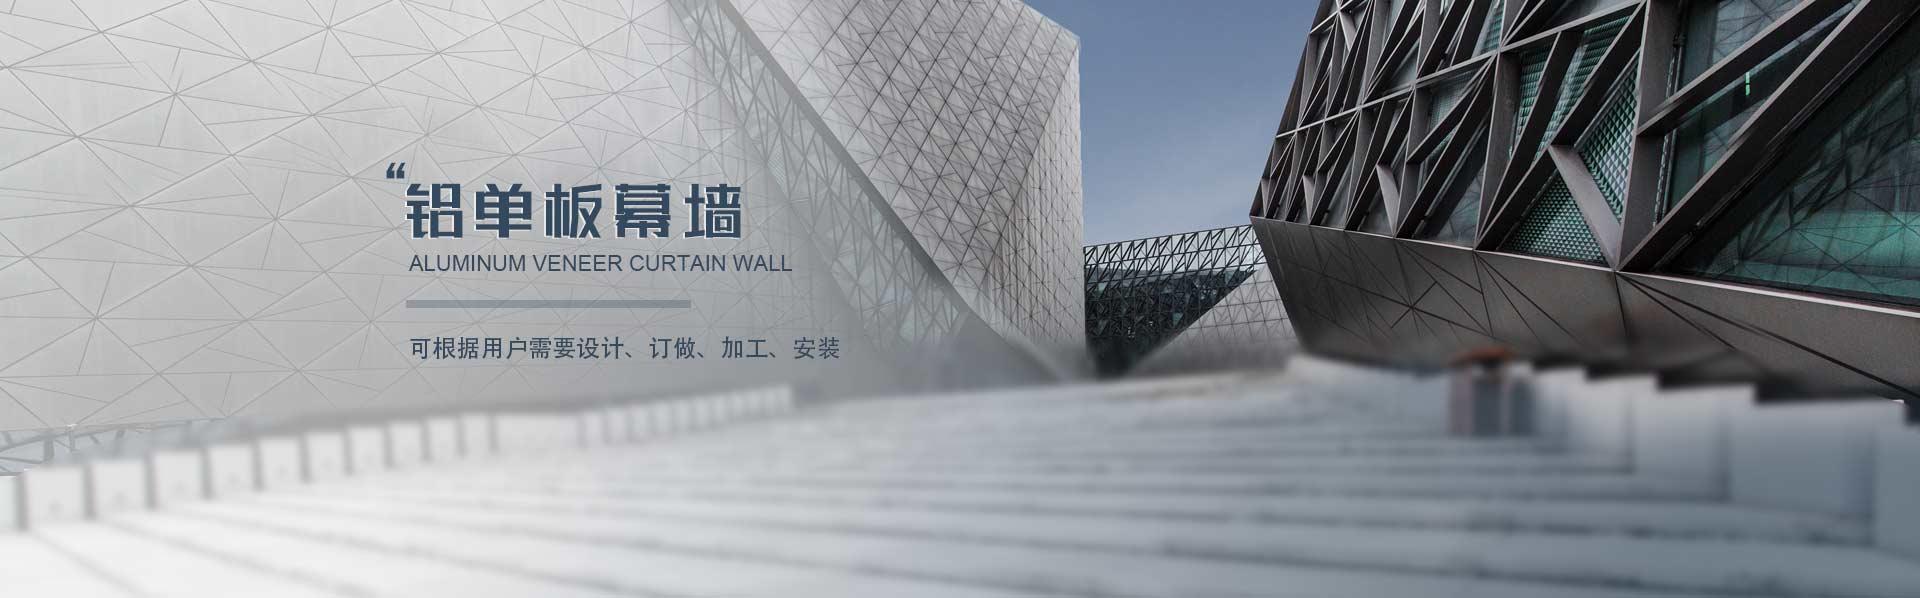 铝单板幕墙工程